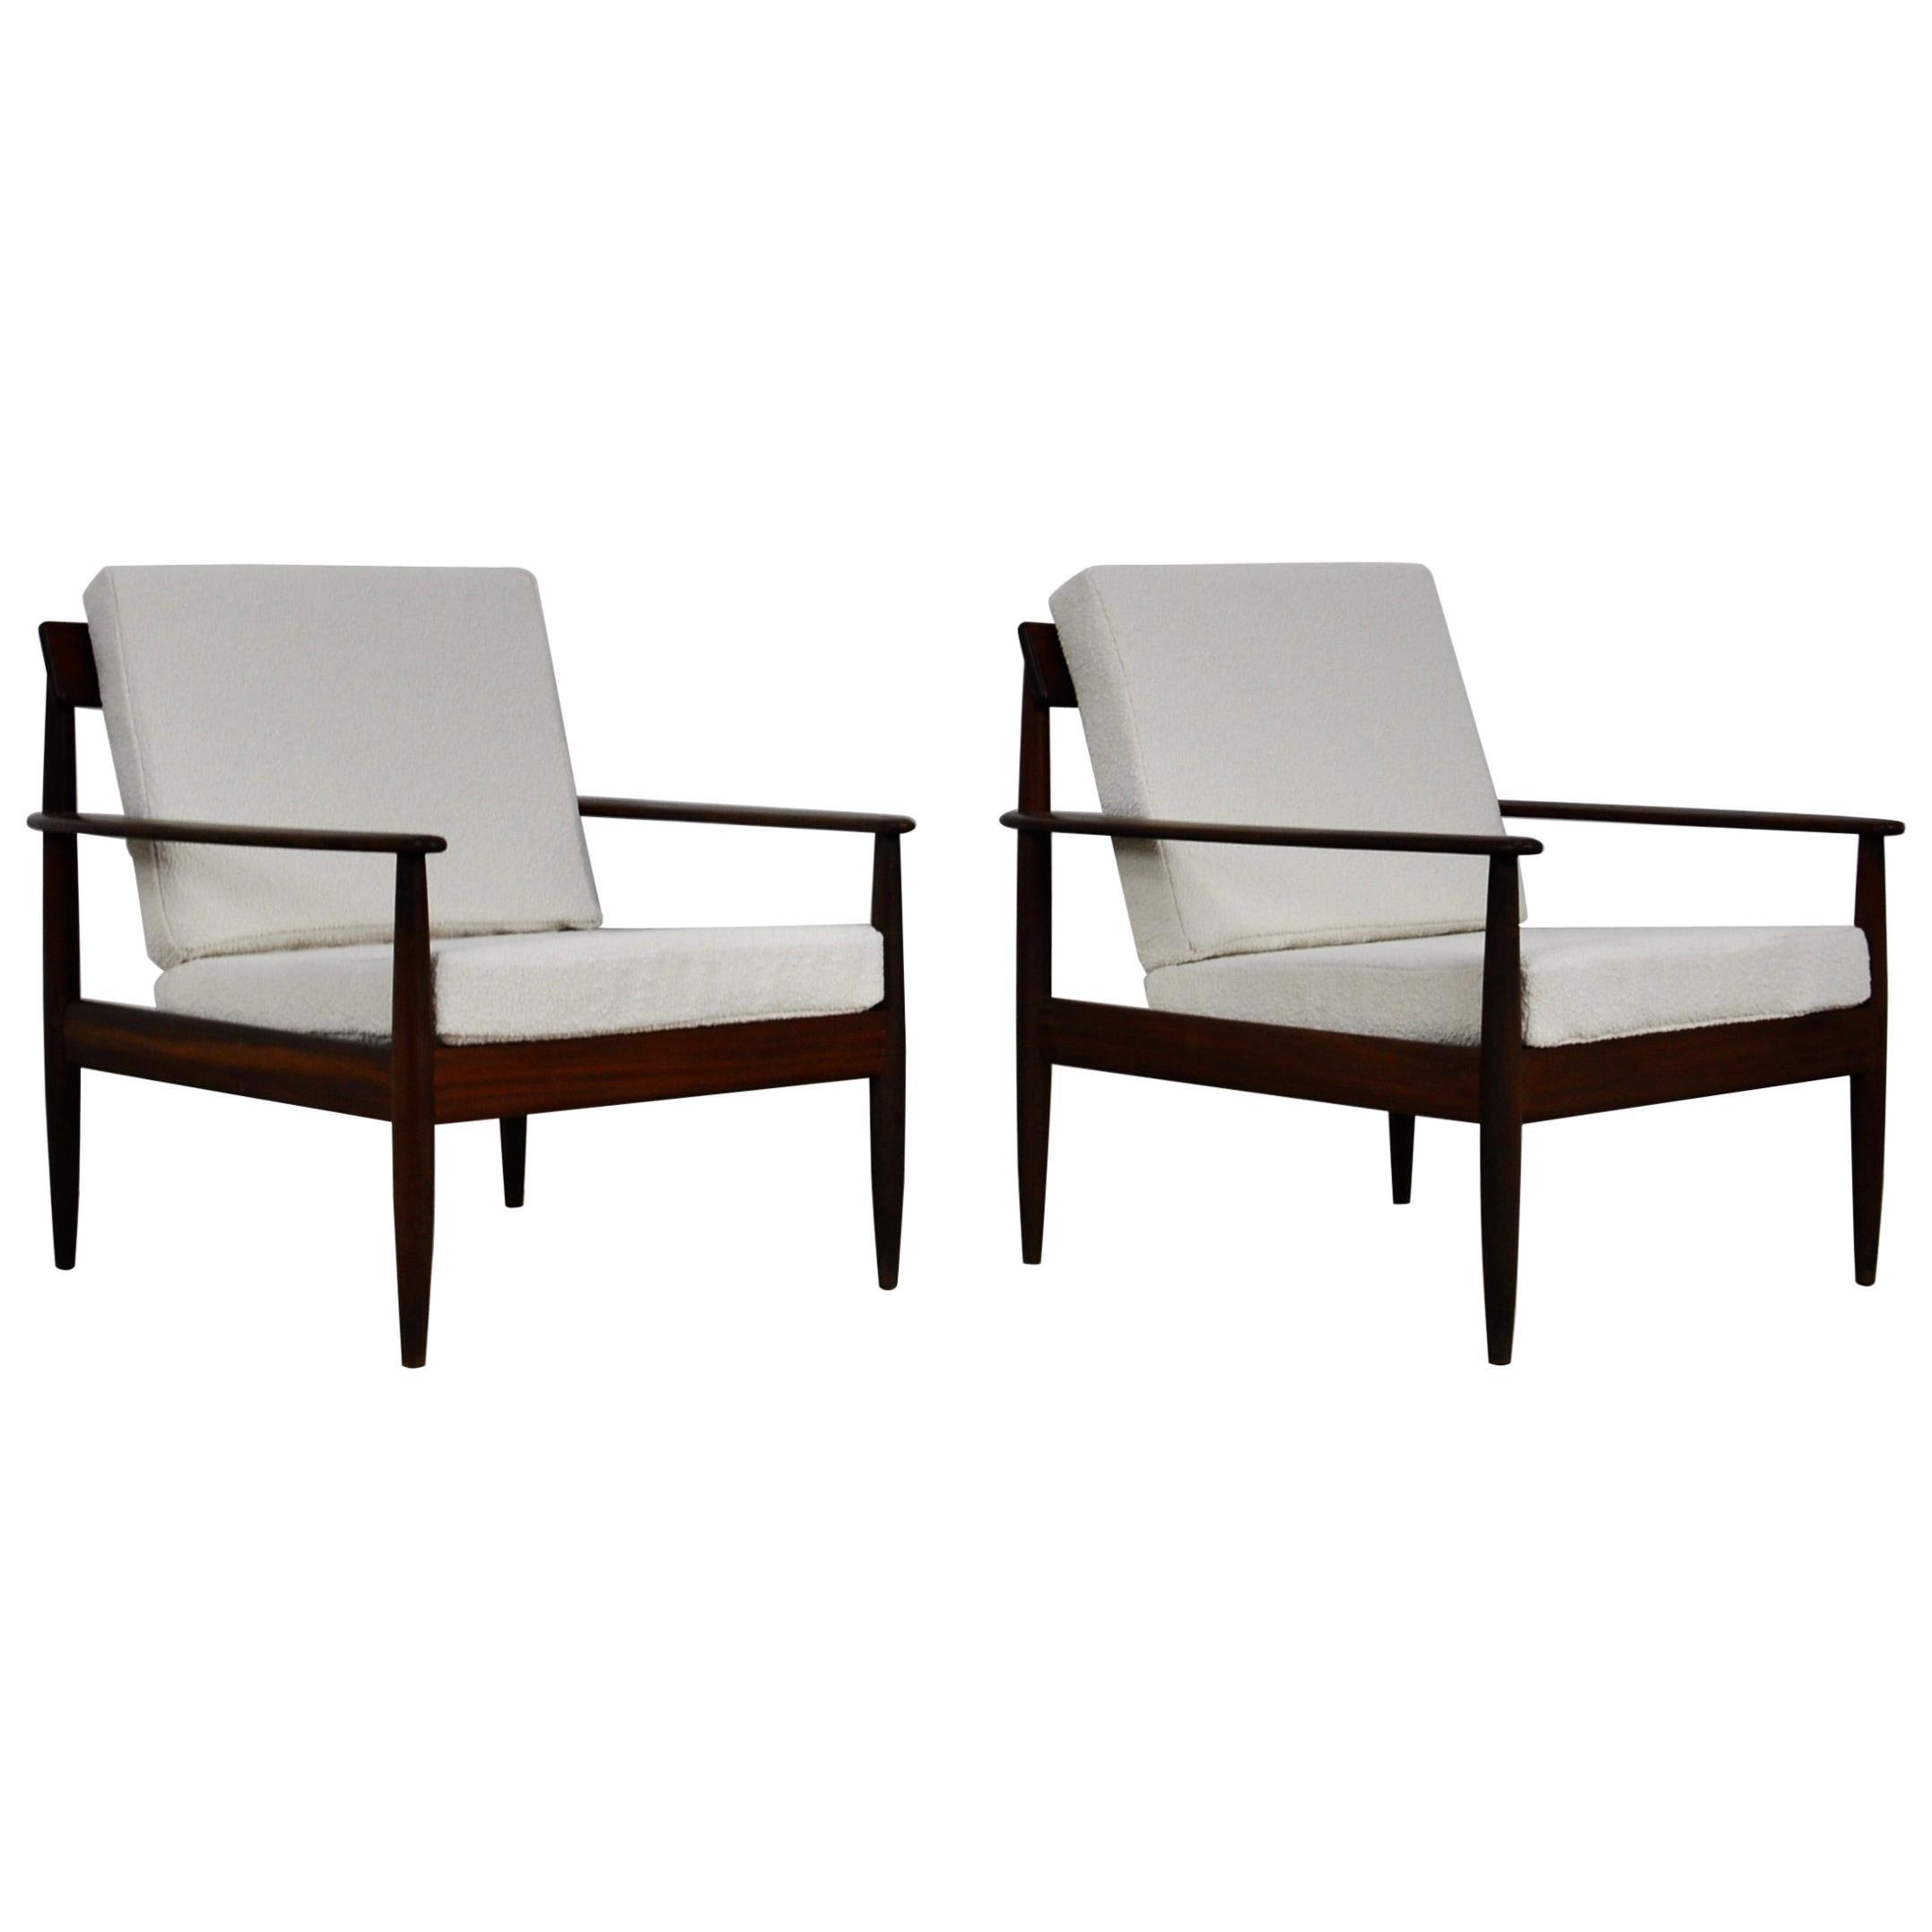 Scandinavian Armchairs, 1960s Set of 2